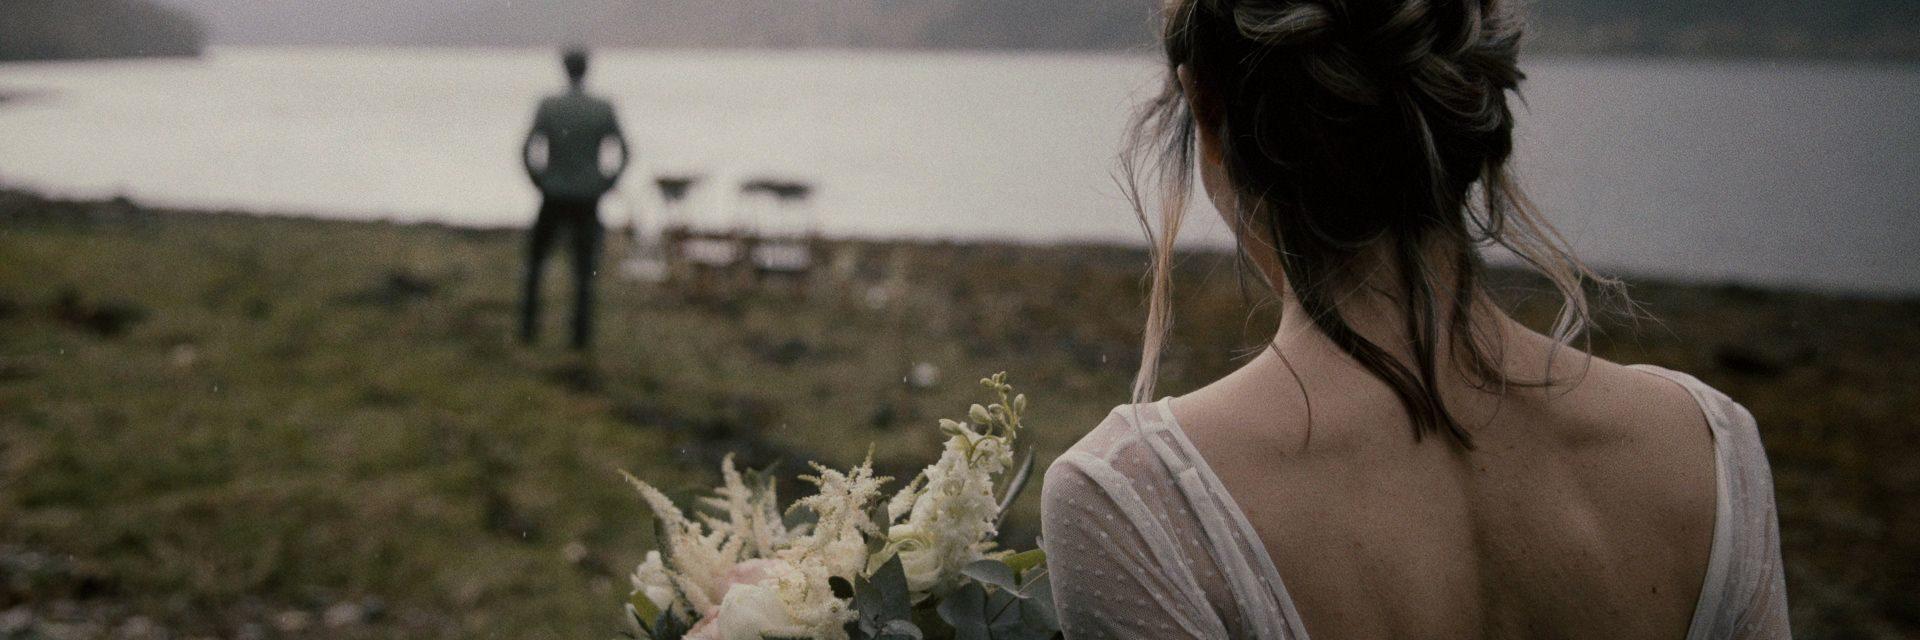 Il-Borro-wedding-videographer-cinemate-films-02